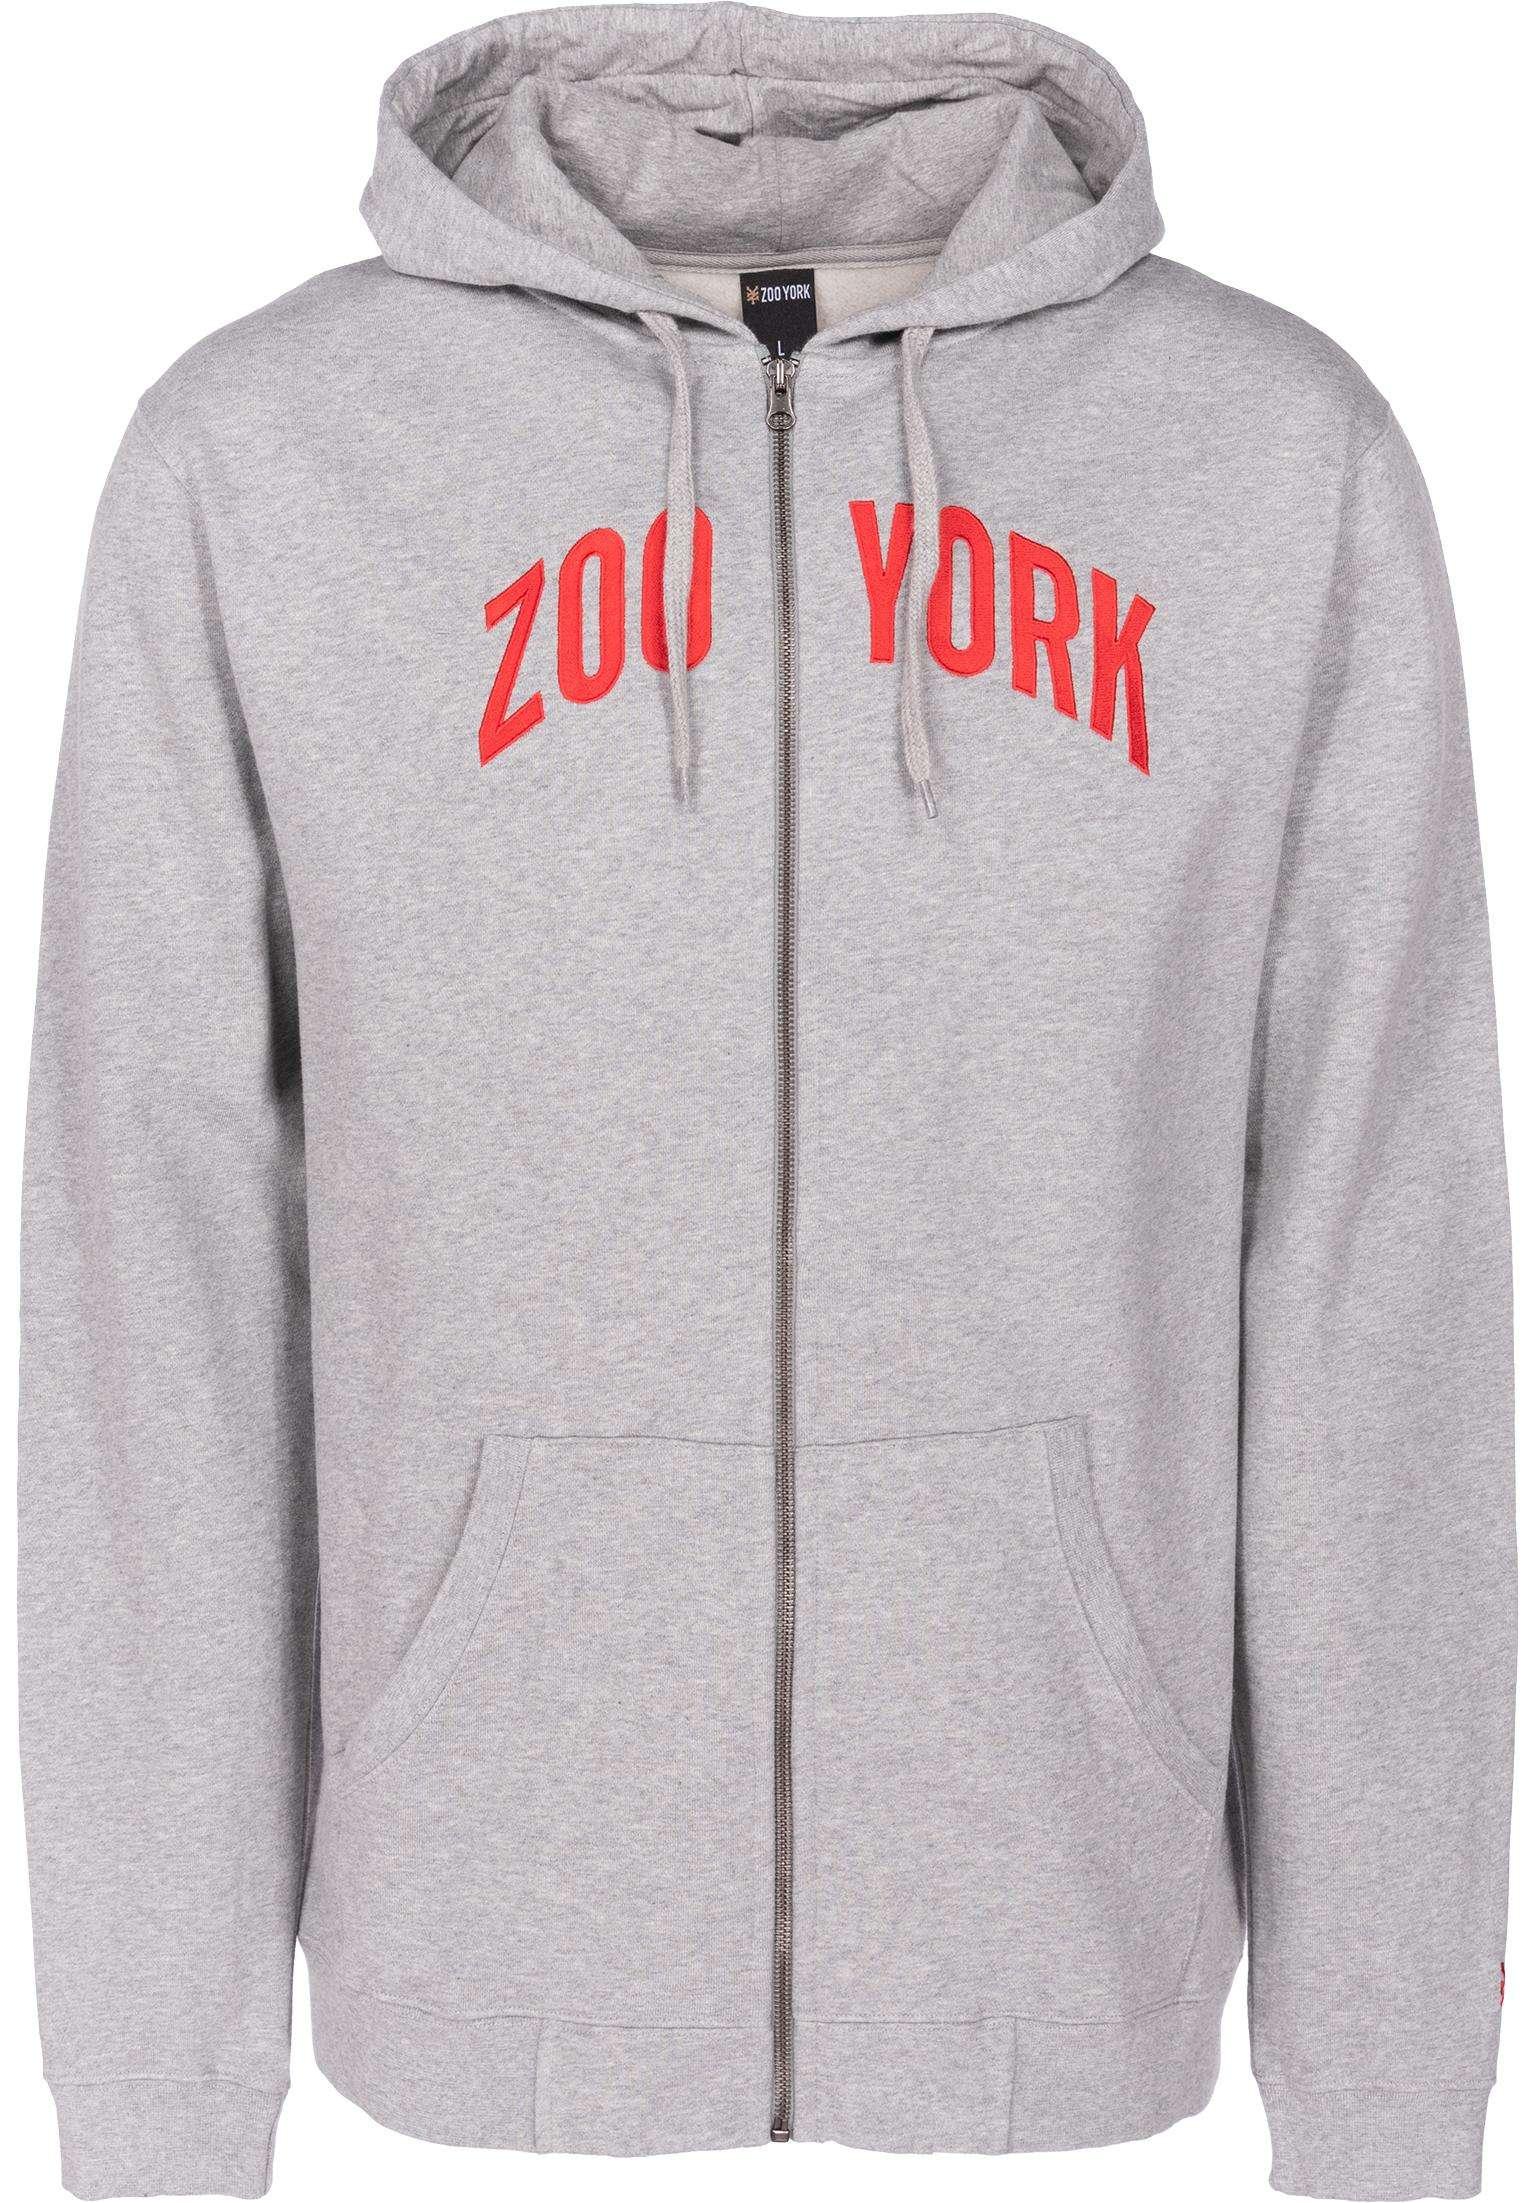 salvare 352c8 f6a3d Zoo York Zoo Zip